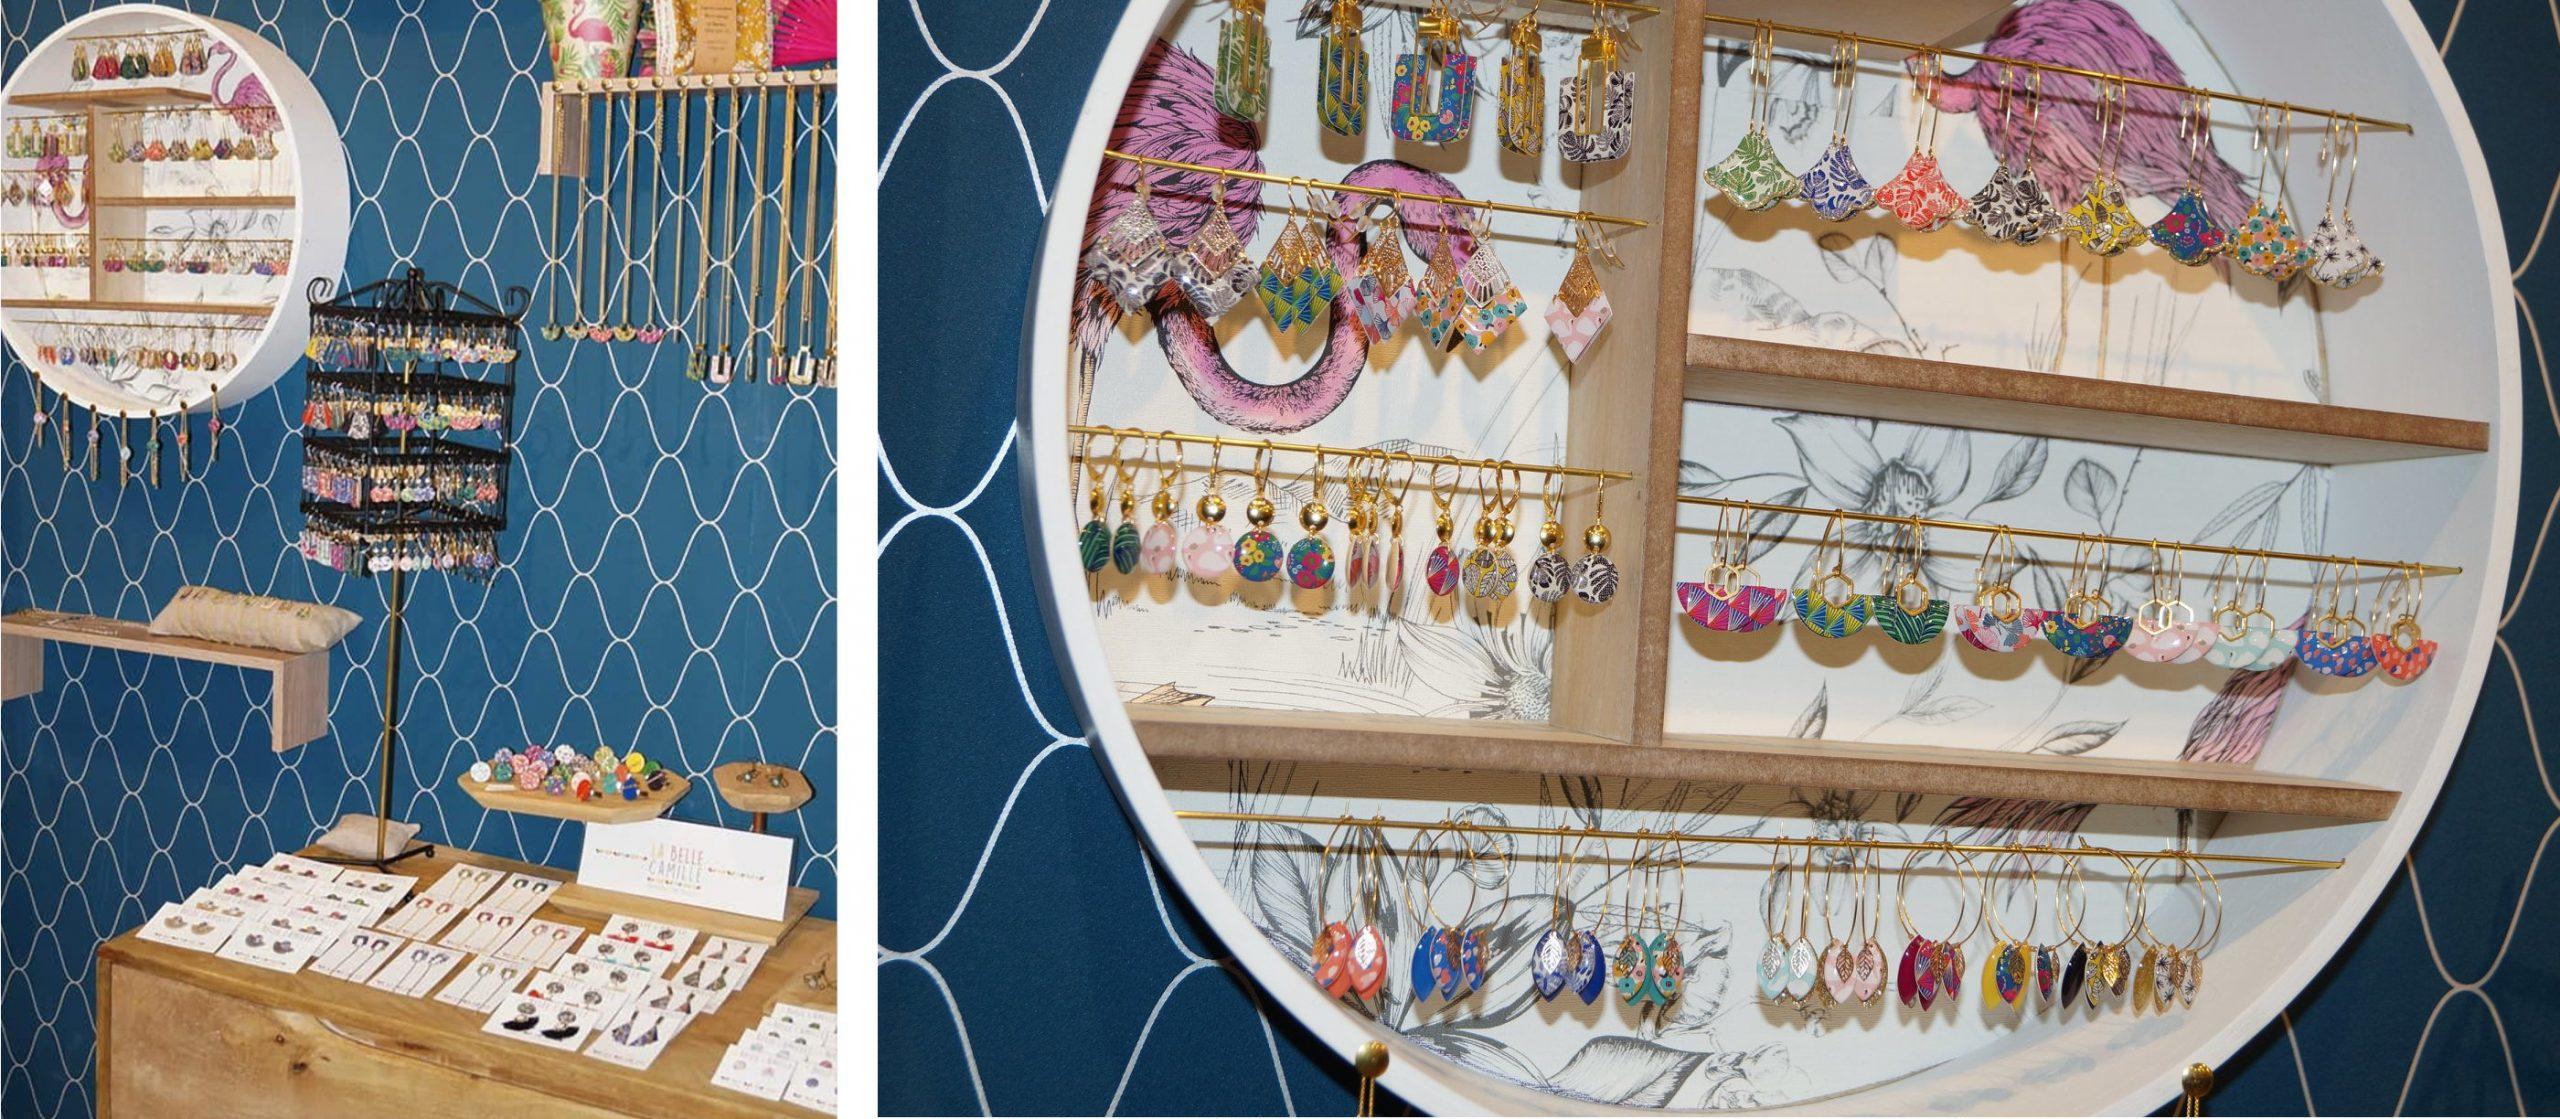 Les bijoux de créateurs dans la boutique : La Belle Camille